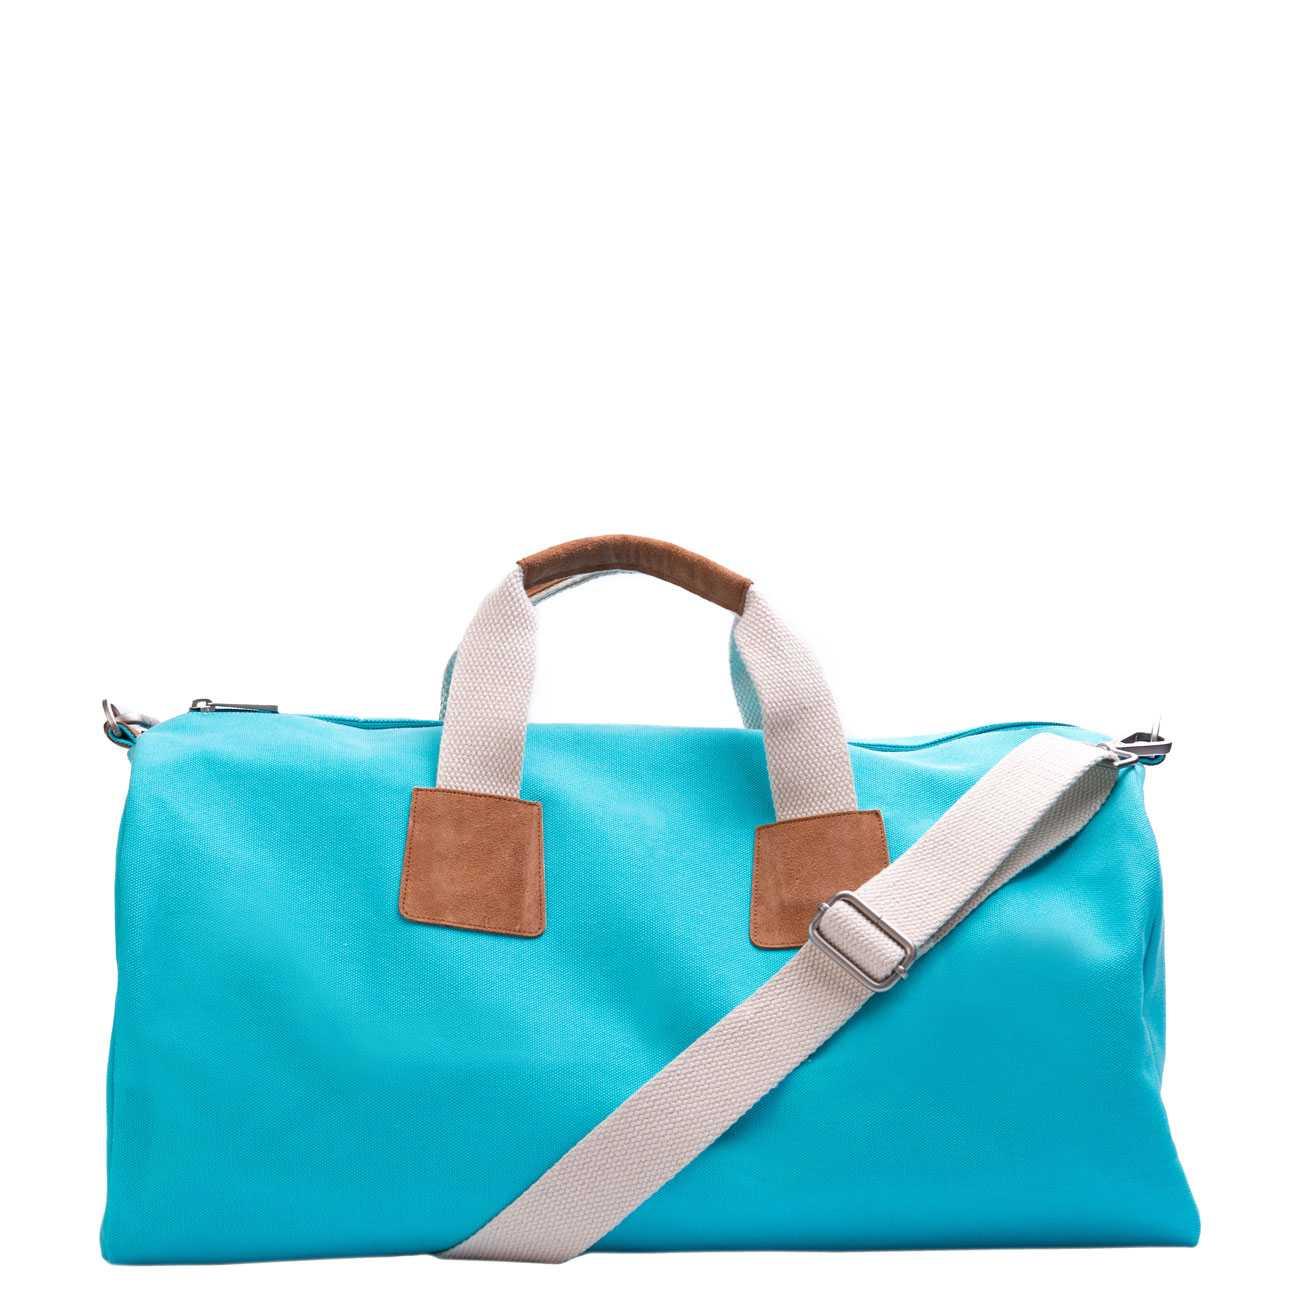 Men Bag Veracruz Turquoise imagine